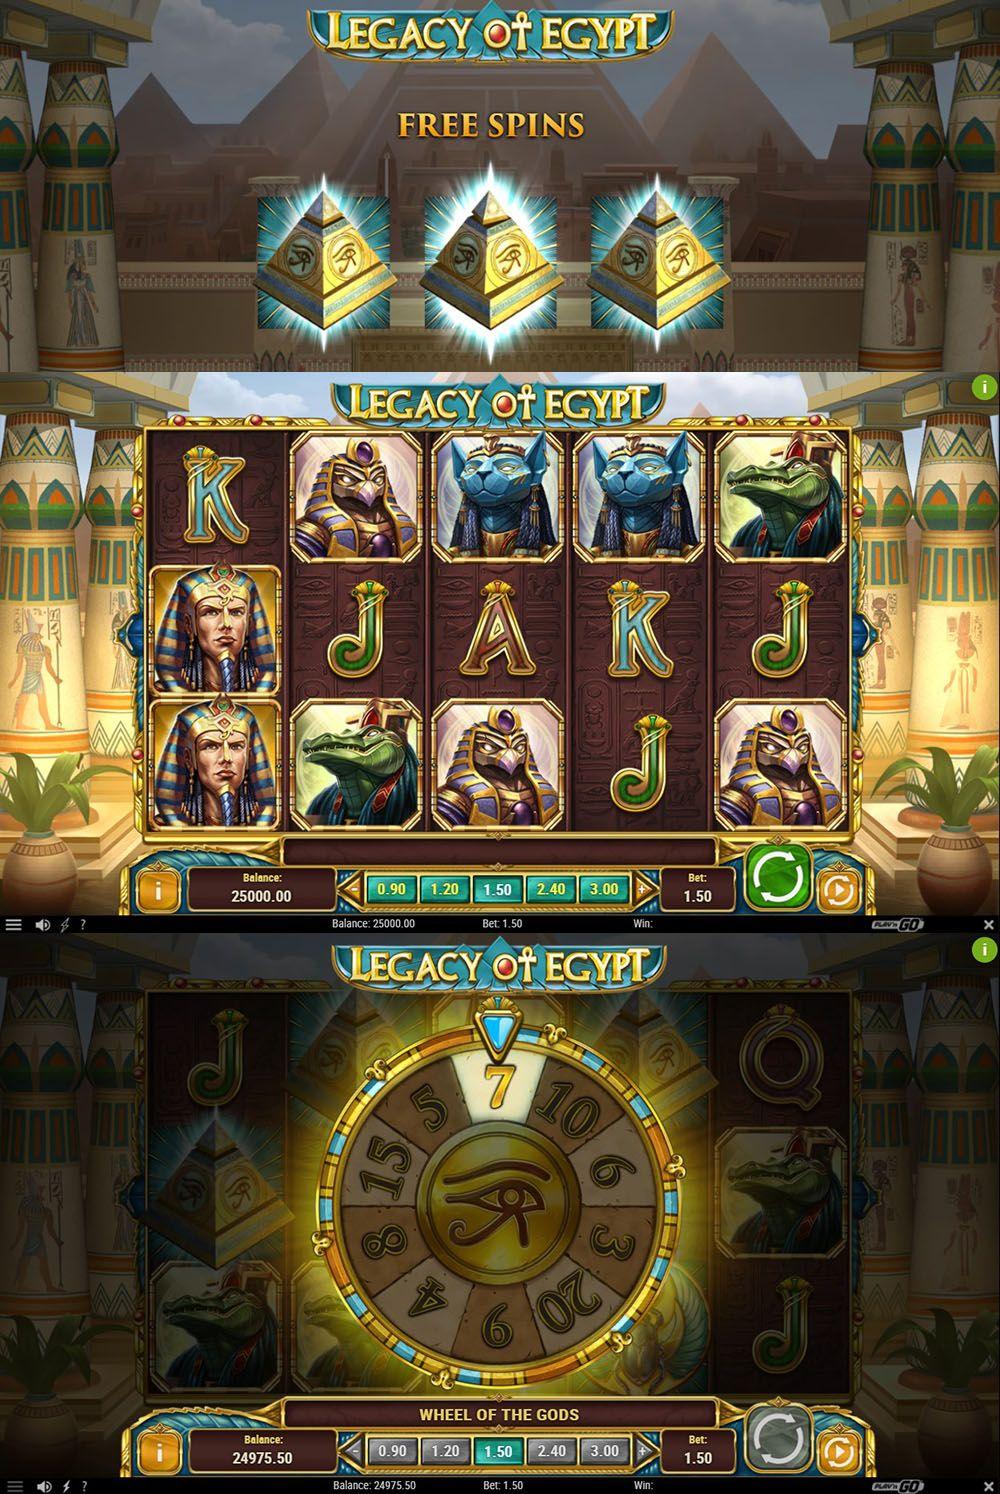 казино клеопатра онлайн